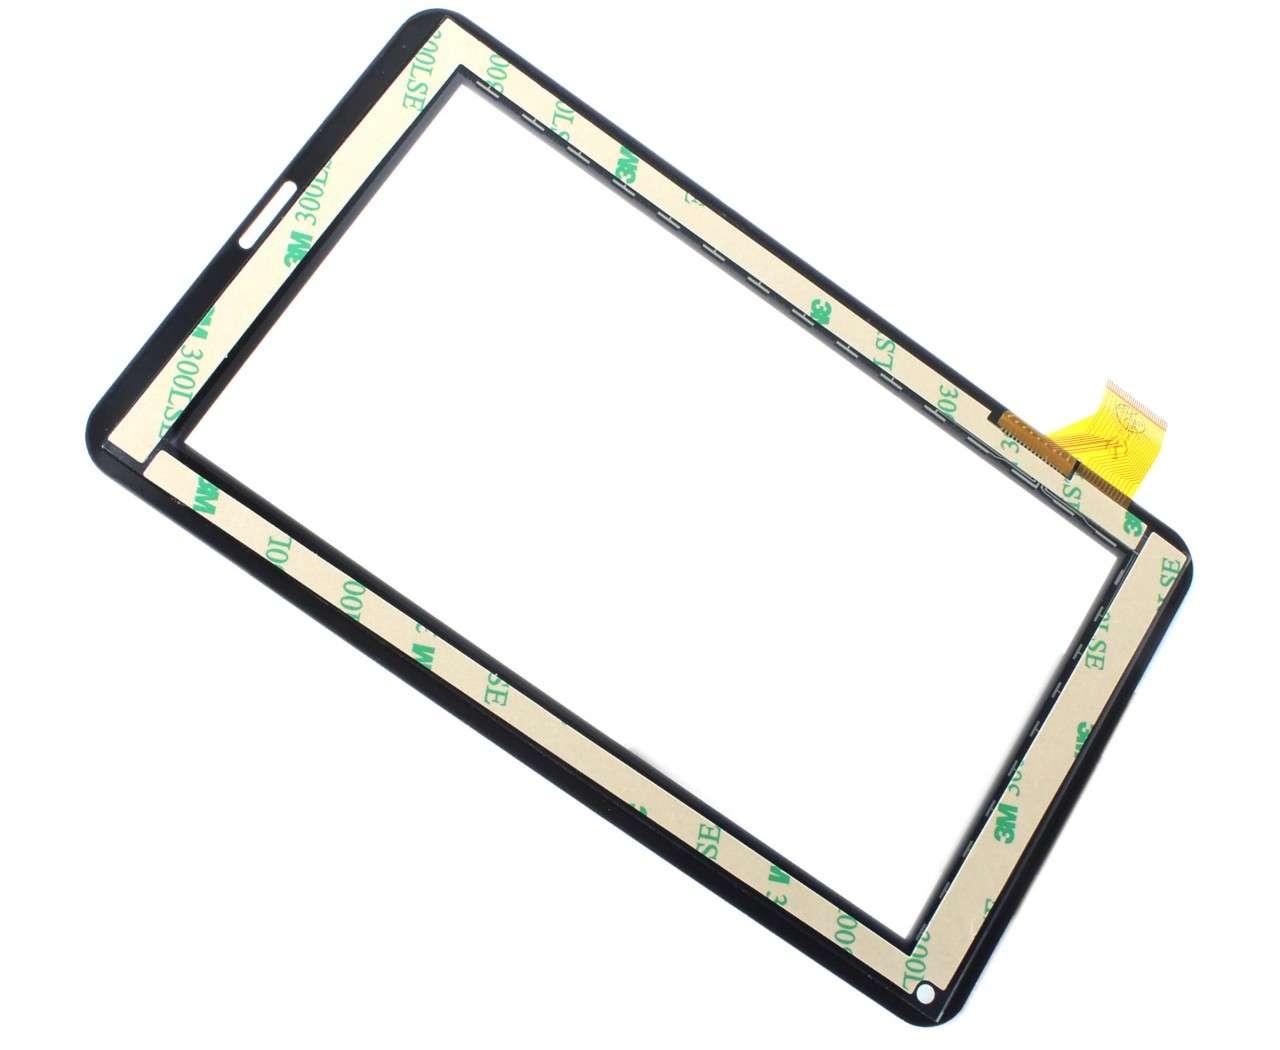 Touchscreen Digitizer Akai JK710 ETAB004A Geam Sticla Tableta imagine powerlaptop.ro 2021